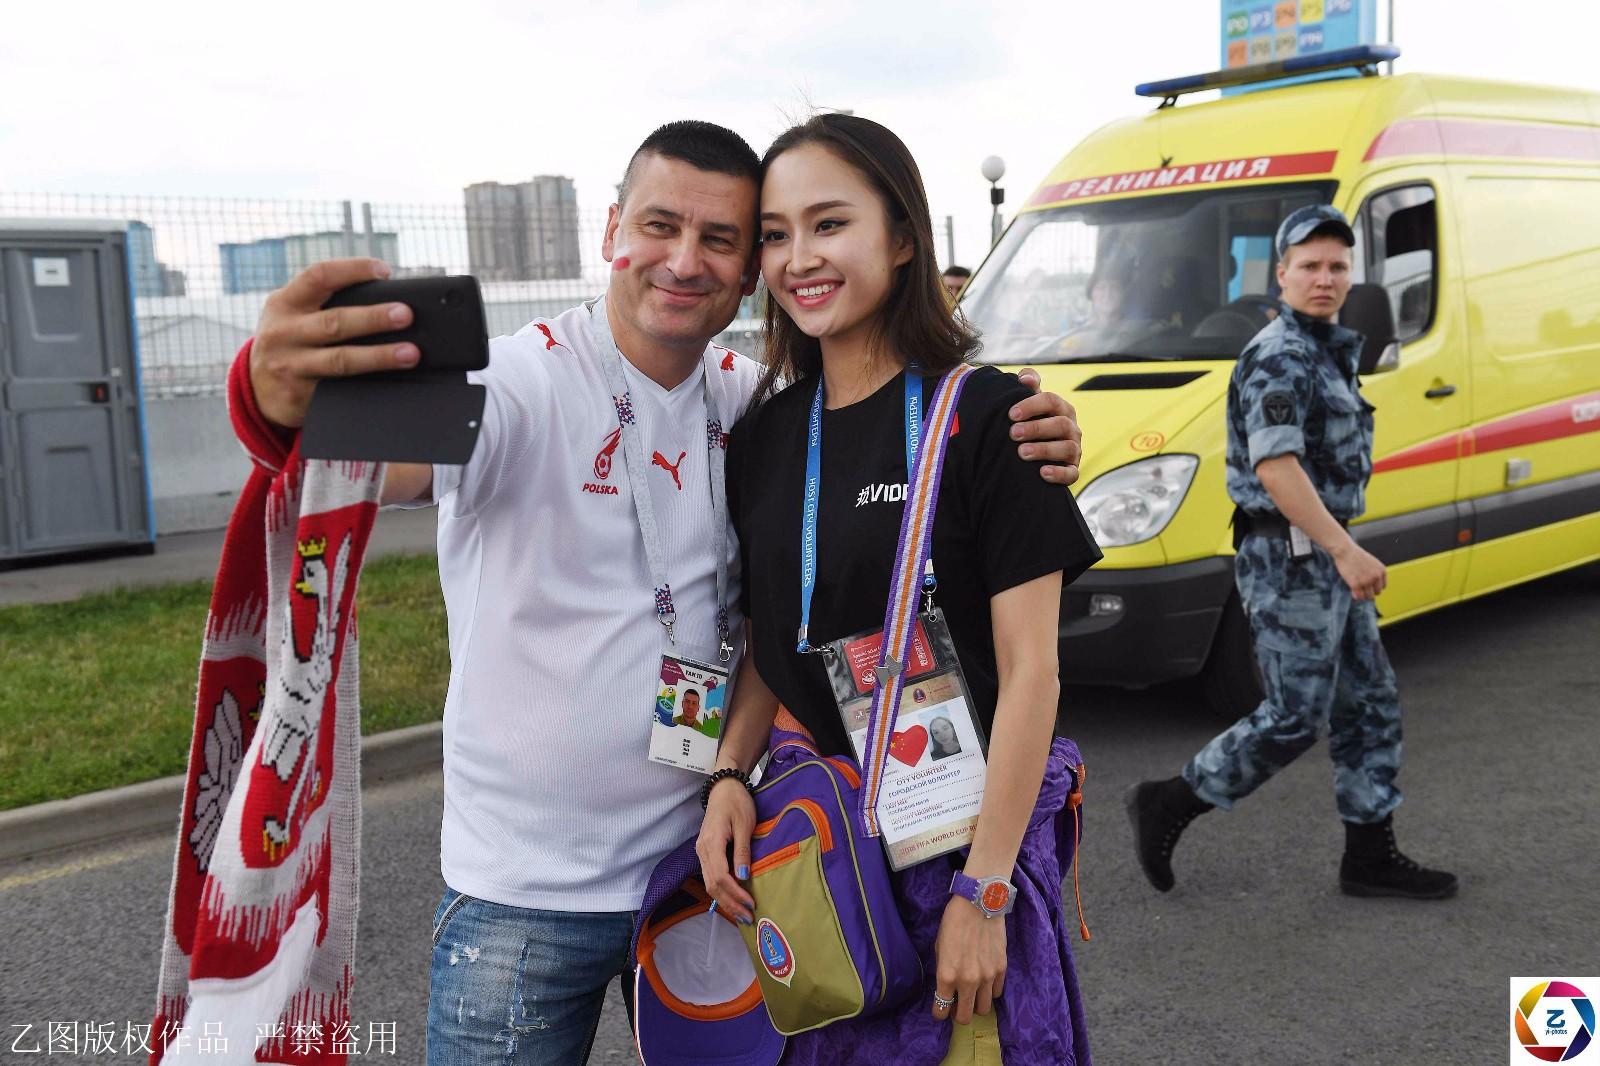 世界杯志愿者中国女孩,因太美常被球迷搂着拍